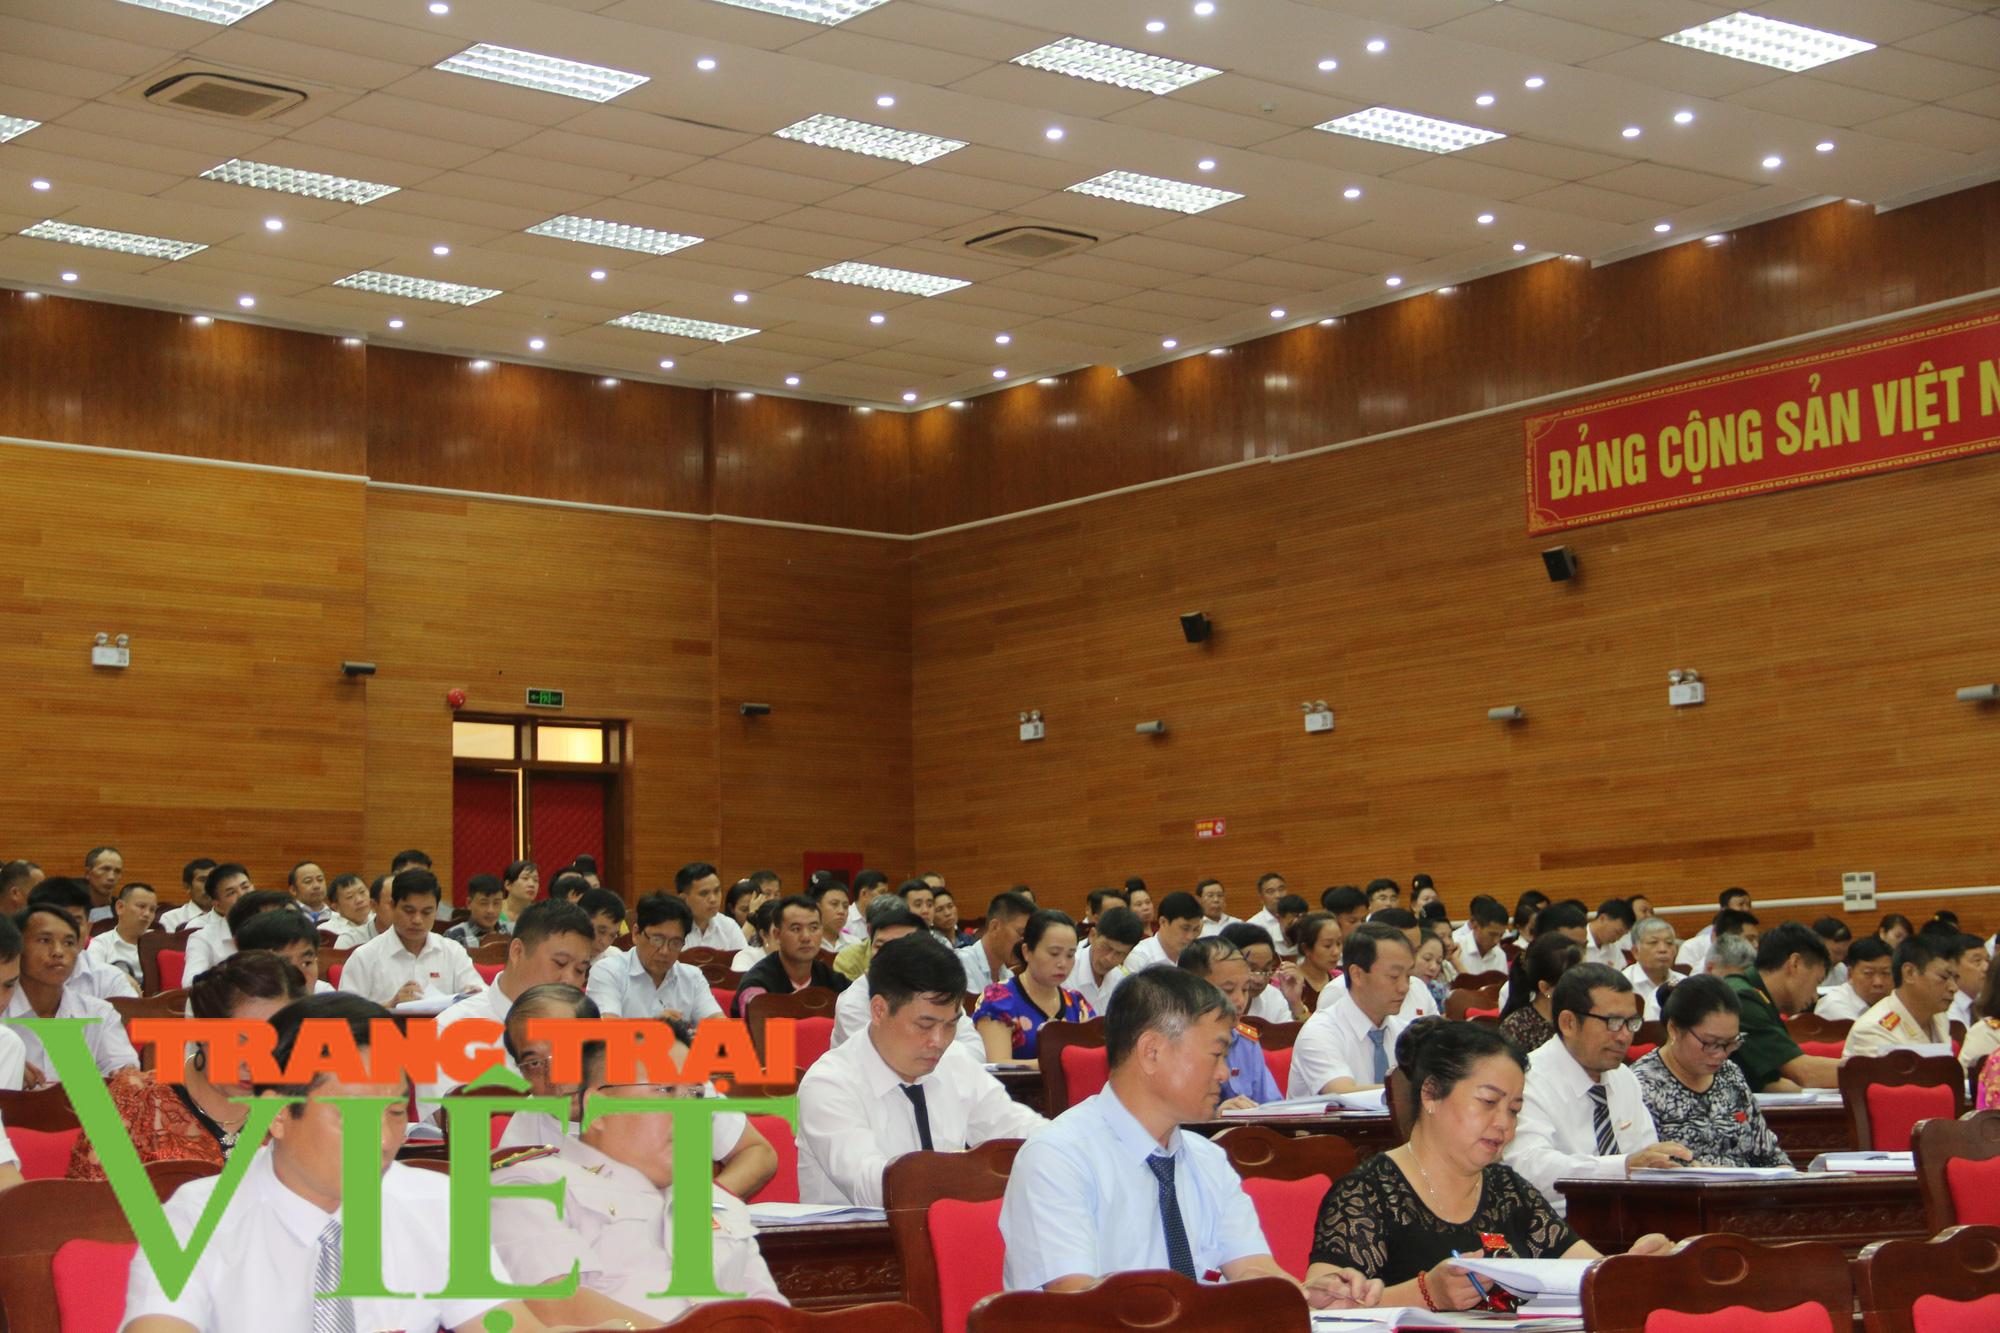 Đảng bộ huyện Yên Châu: Nhiều chỉ tiêu đạt và vượt kế hoạch - Ảnh 7.